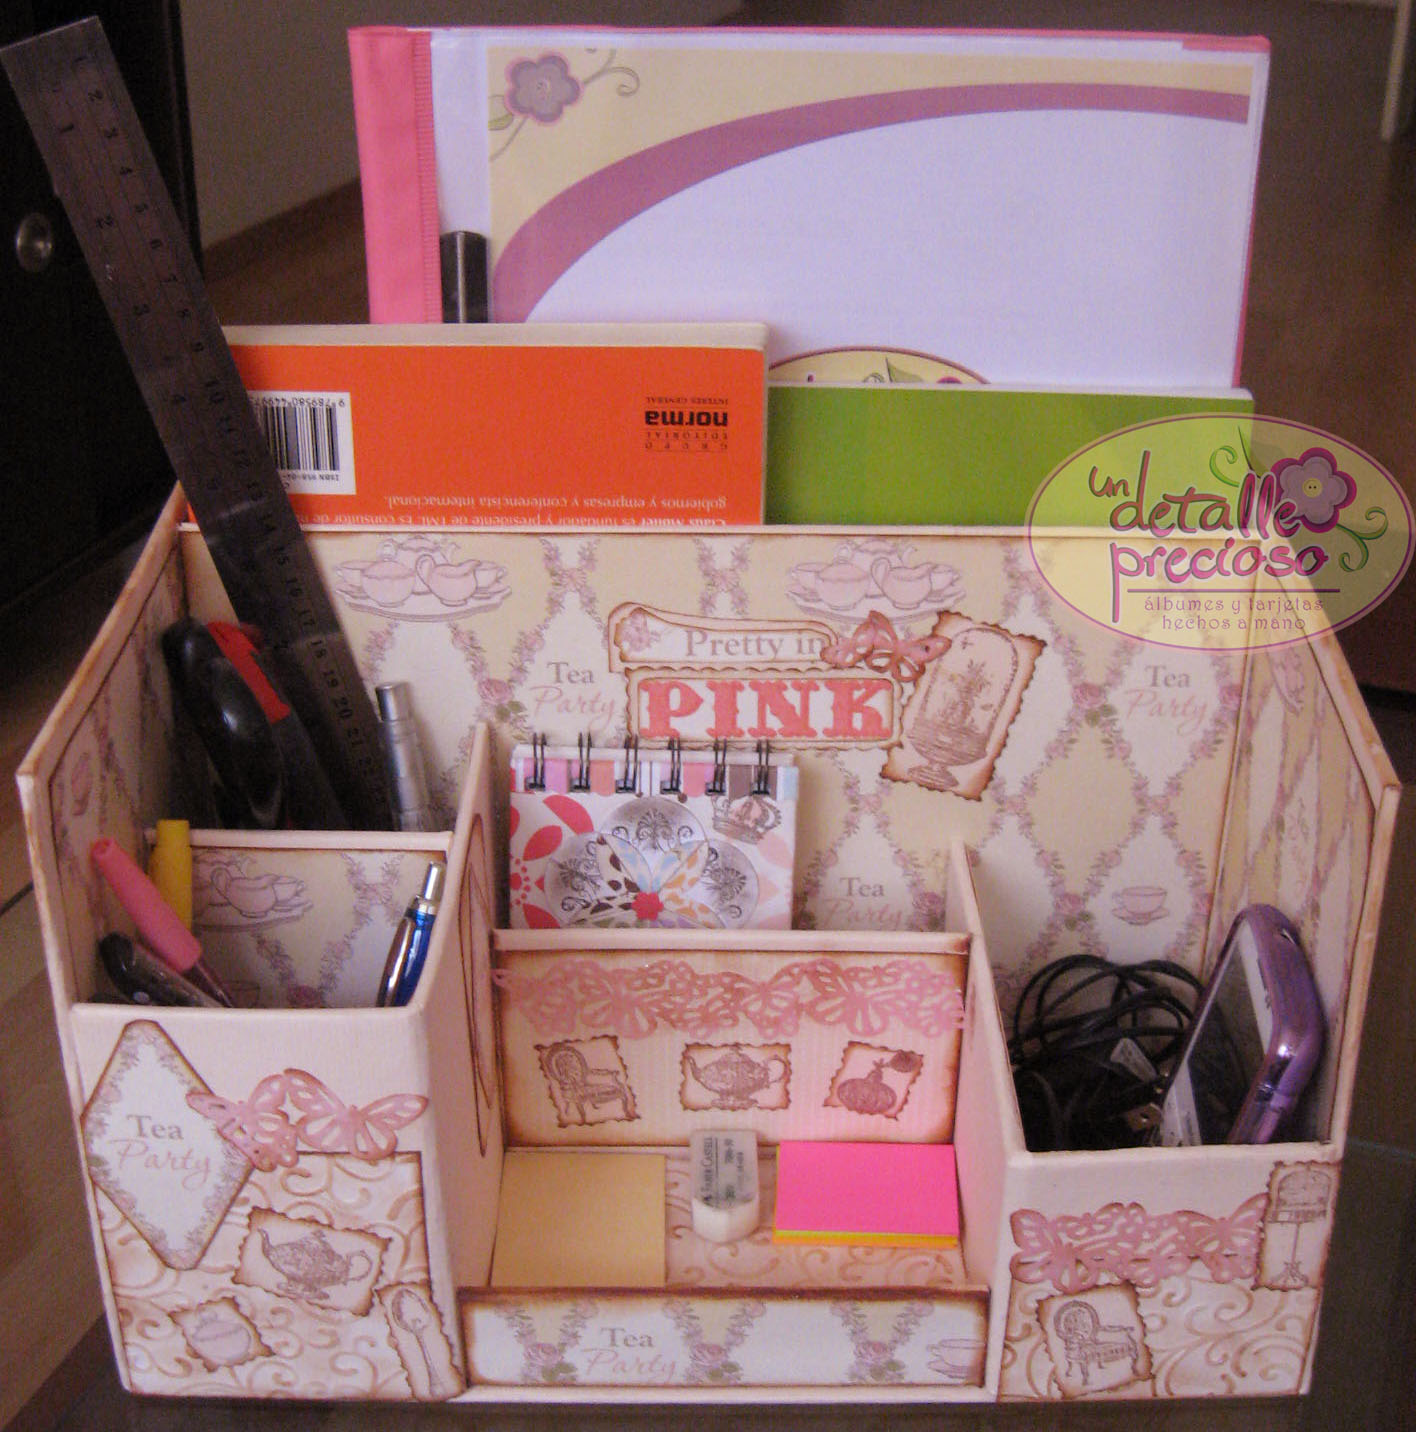 Un detalle precioso es hora de organizar tu escritorio - Organizadores escritorio ...